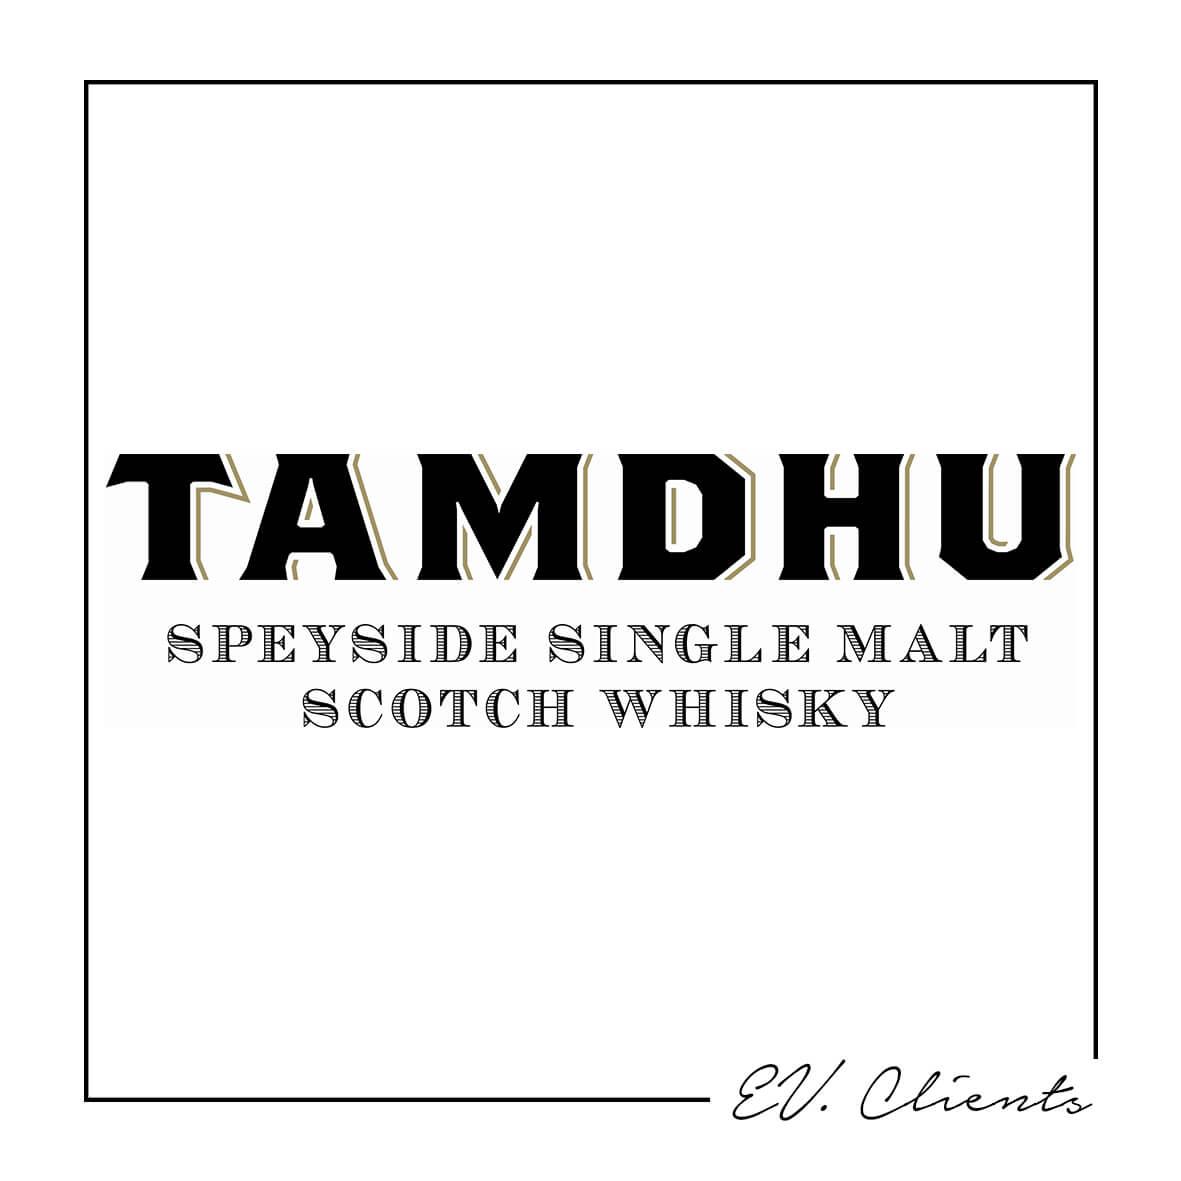 Tamdhu, Tamdhu whisky, Ian Macleod Distillers